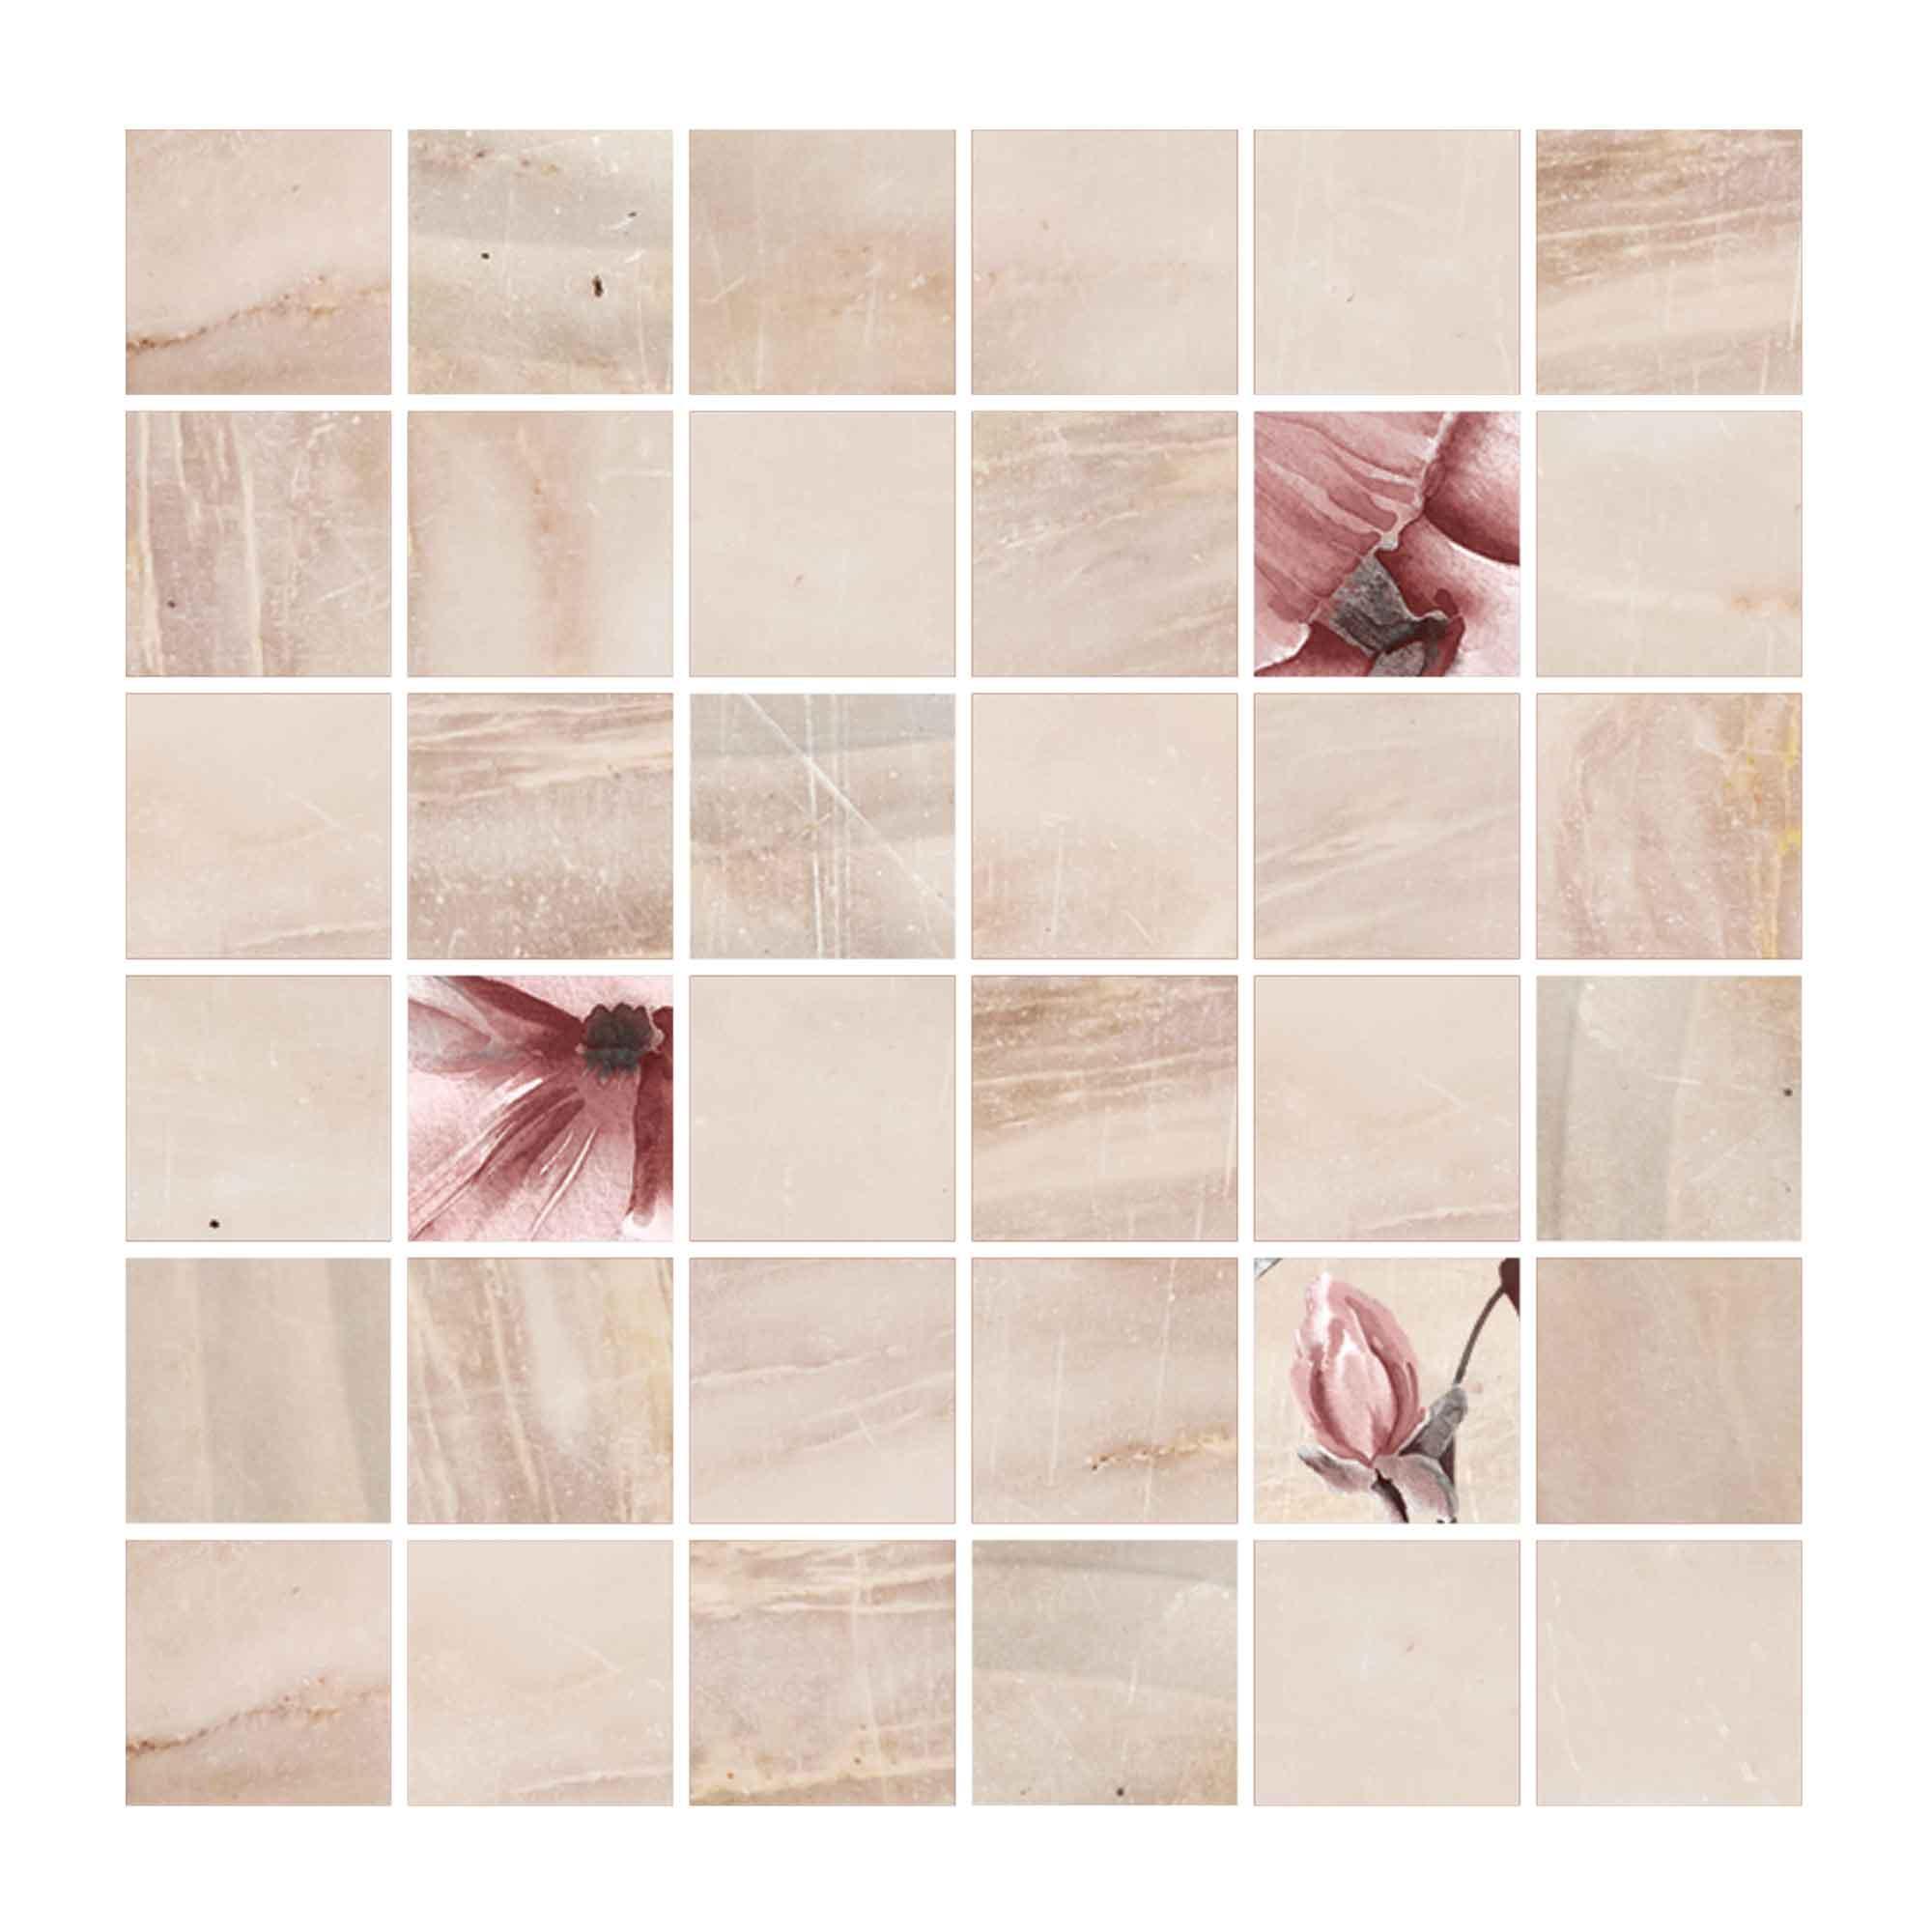 Faianta Cesarom Mozaic Soft bej, model mosaic, patrata, finisaj lucios, 30 x 30 cm imagine 2021 mathaus